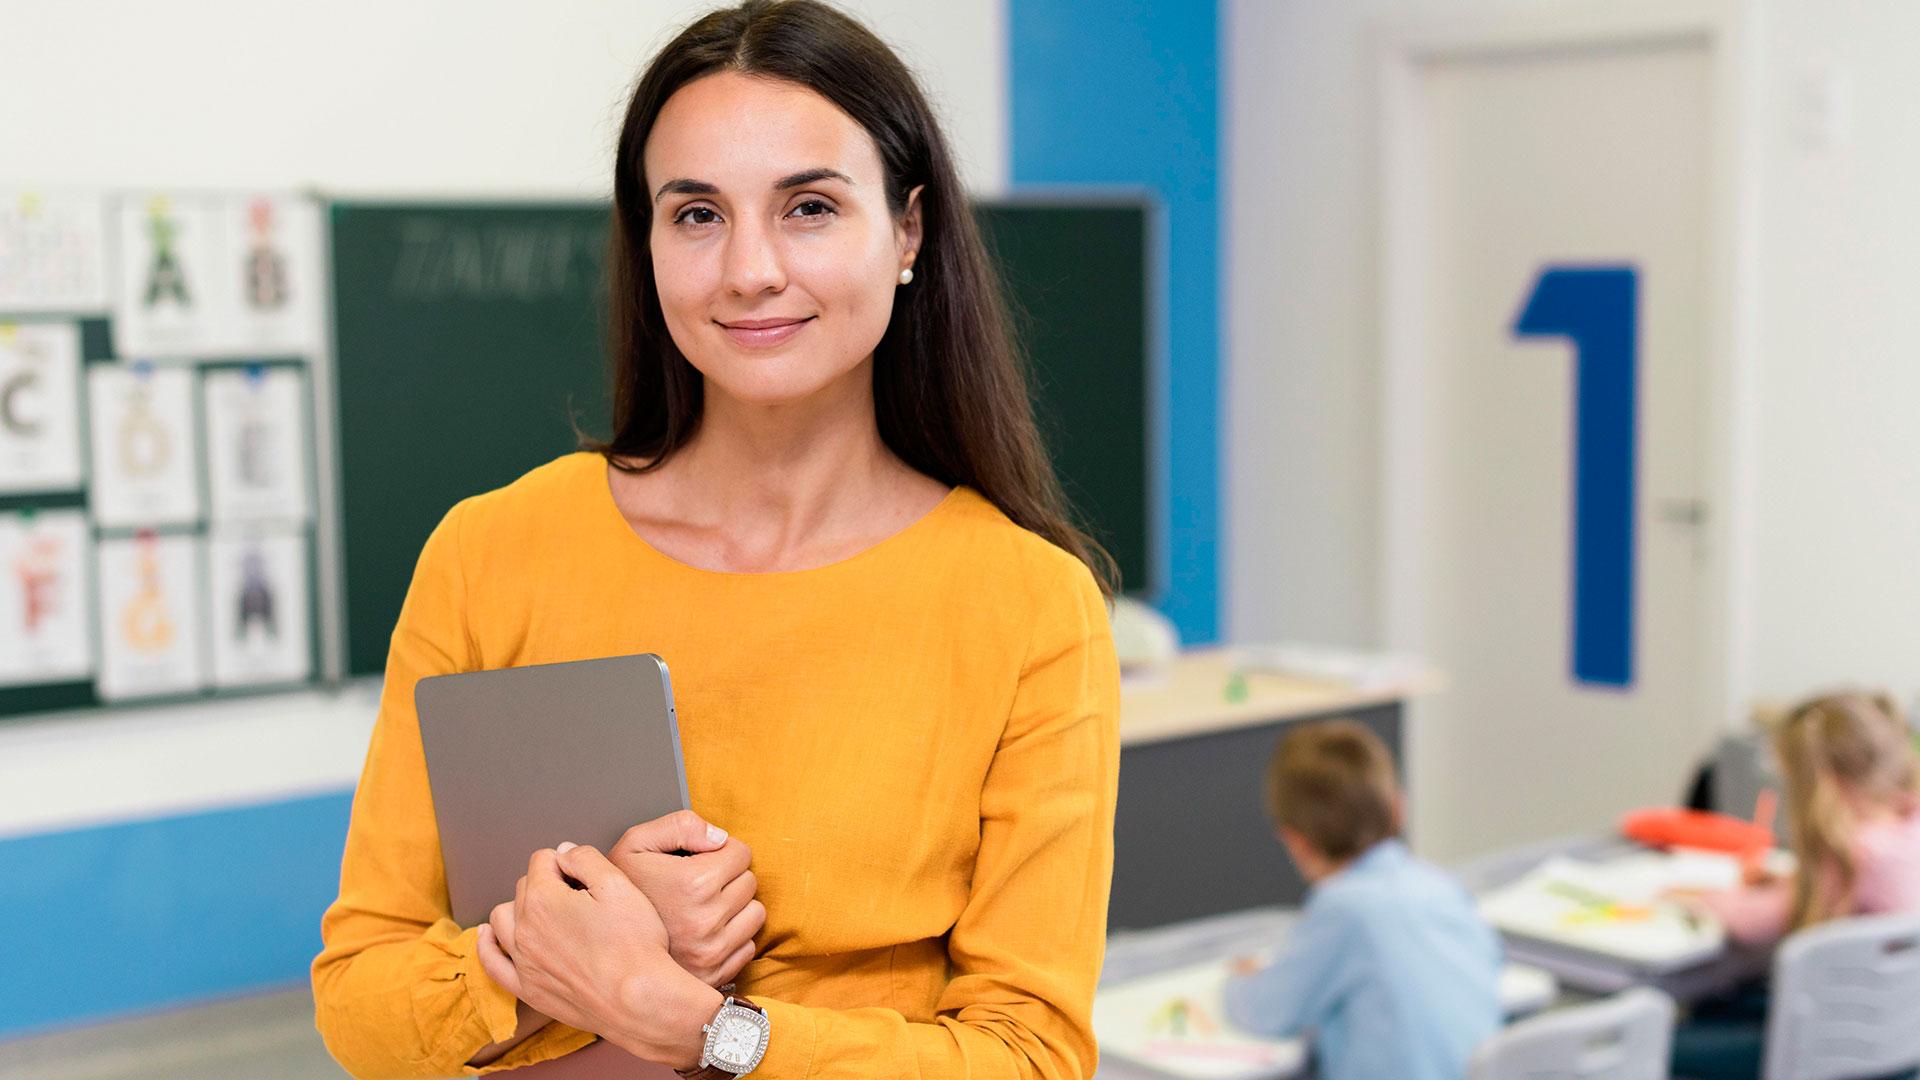 Pedagogia: curso, carreira e mercado de trabalho